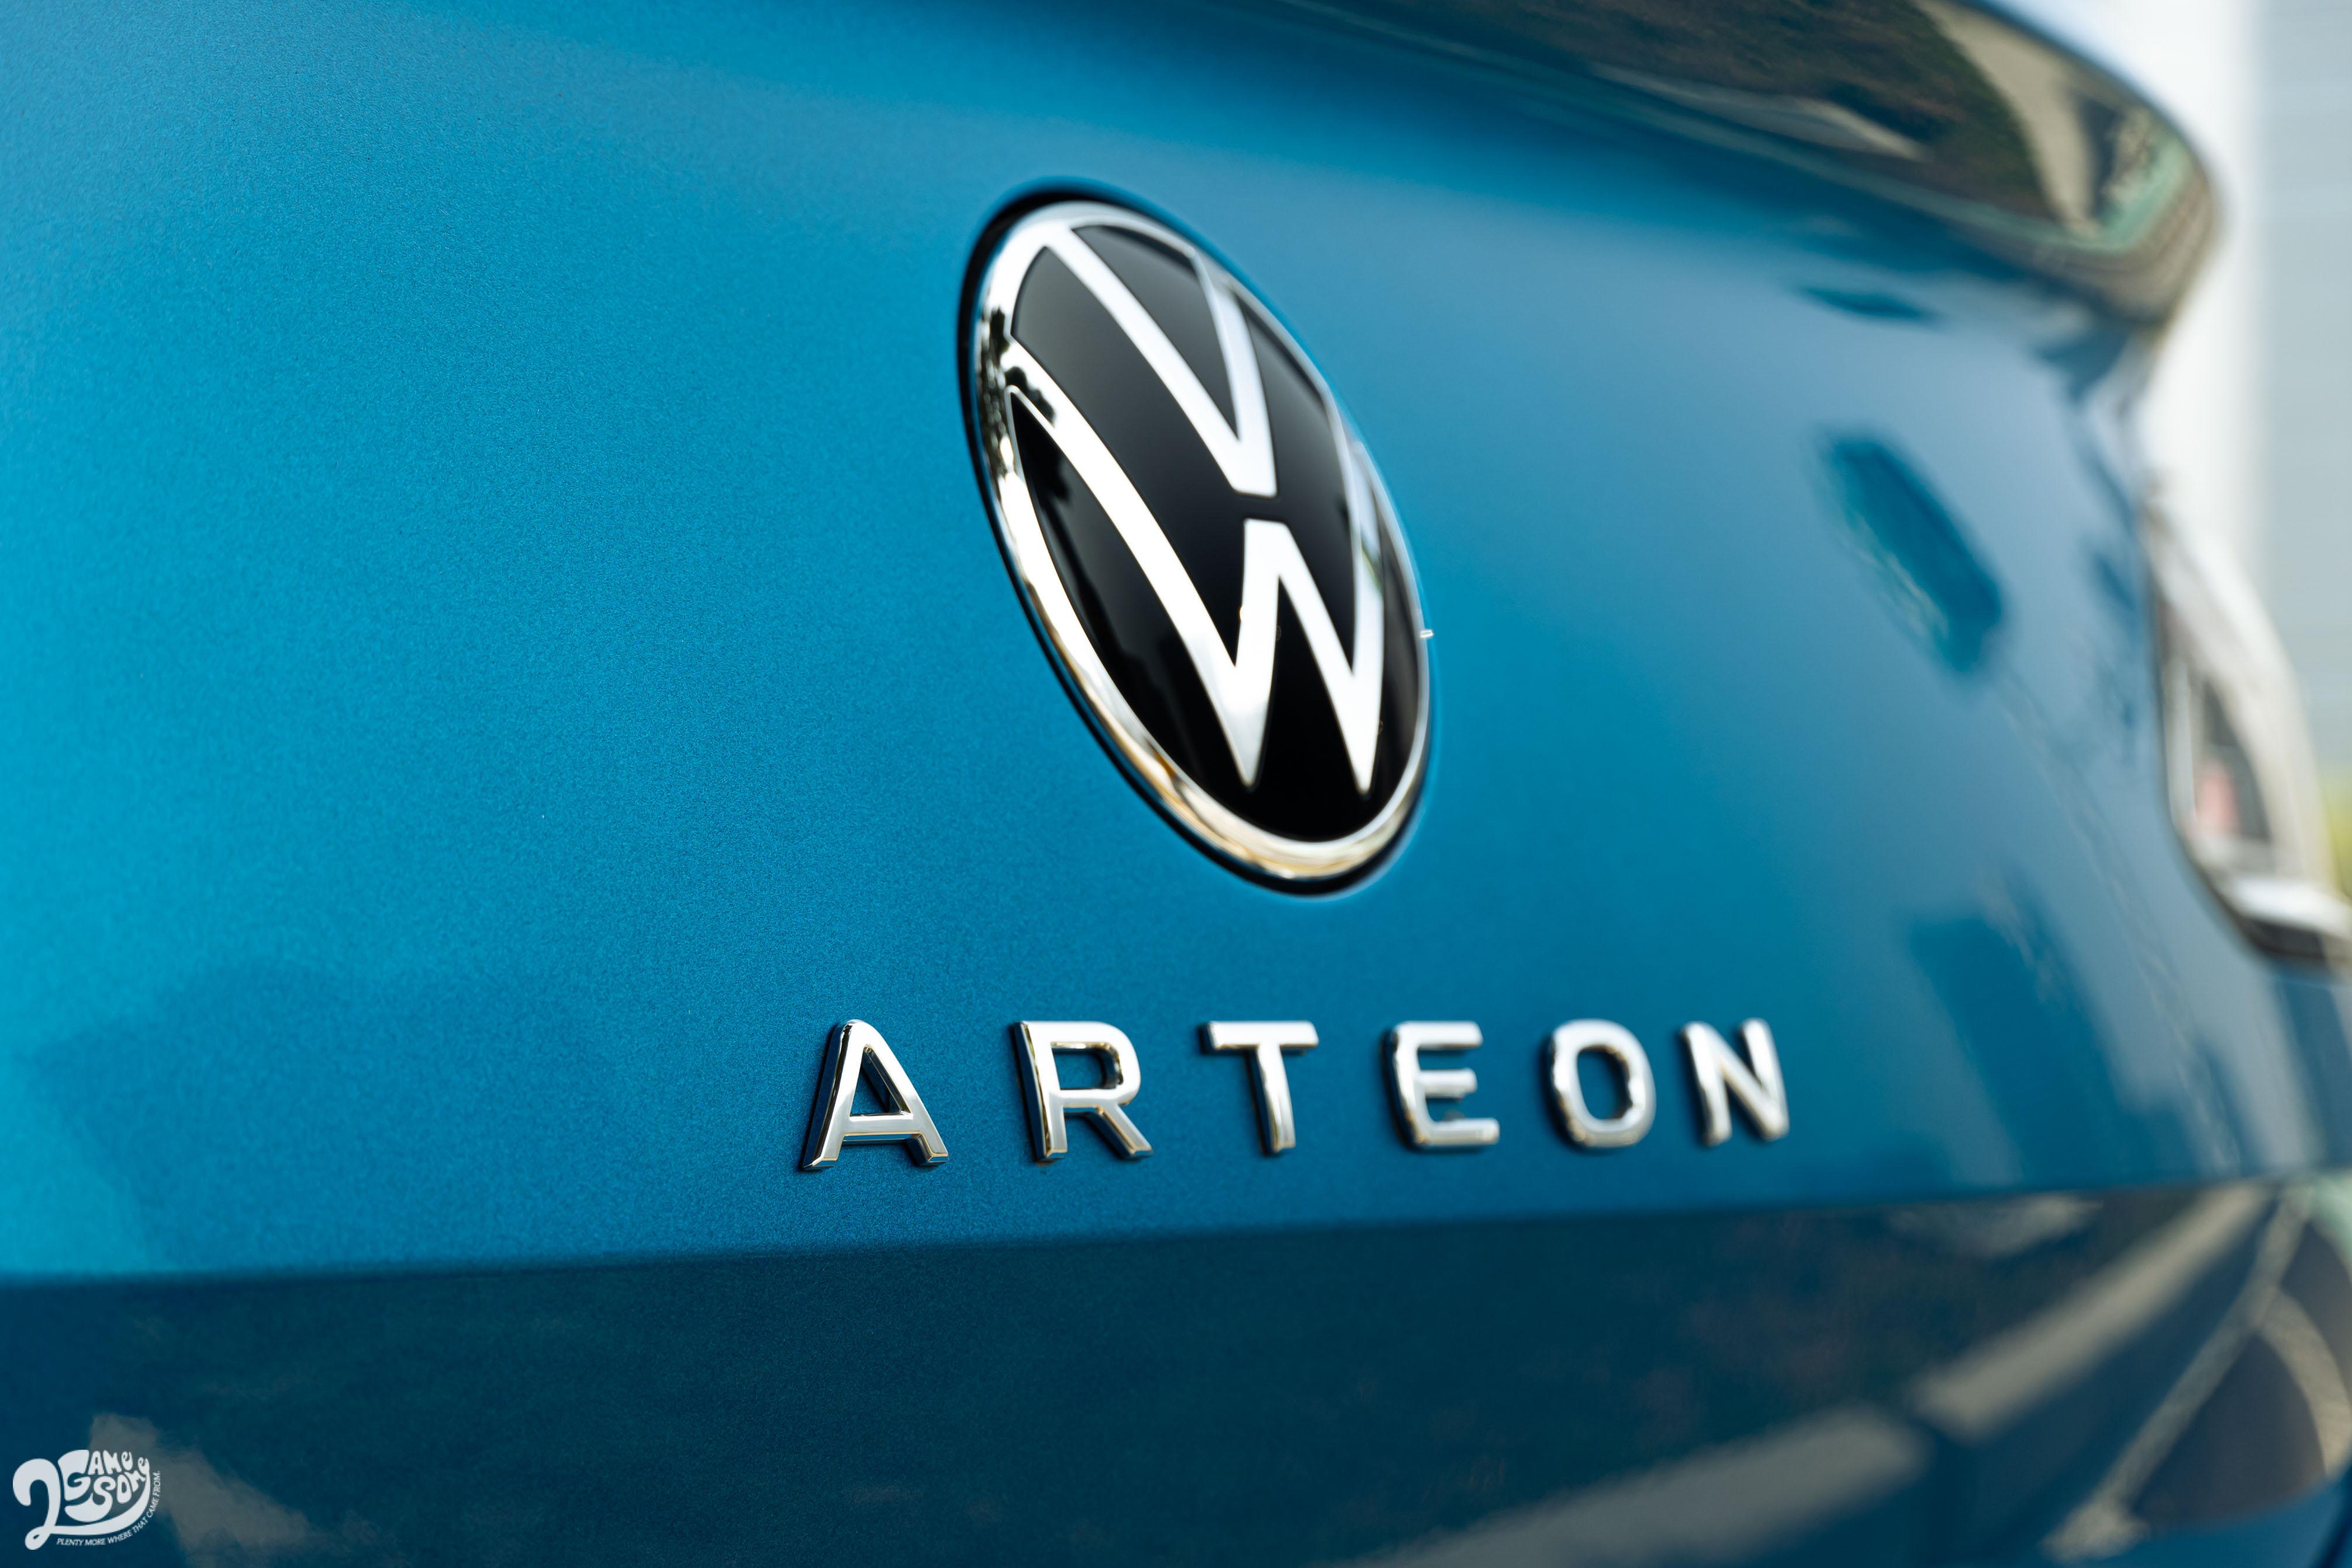 斗大車名安於尾廂蓋上,符合當前車壇設計潮流。